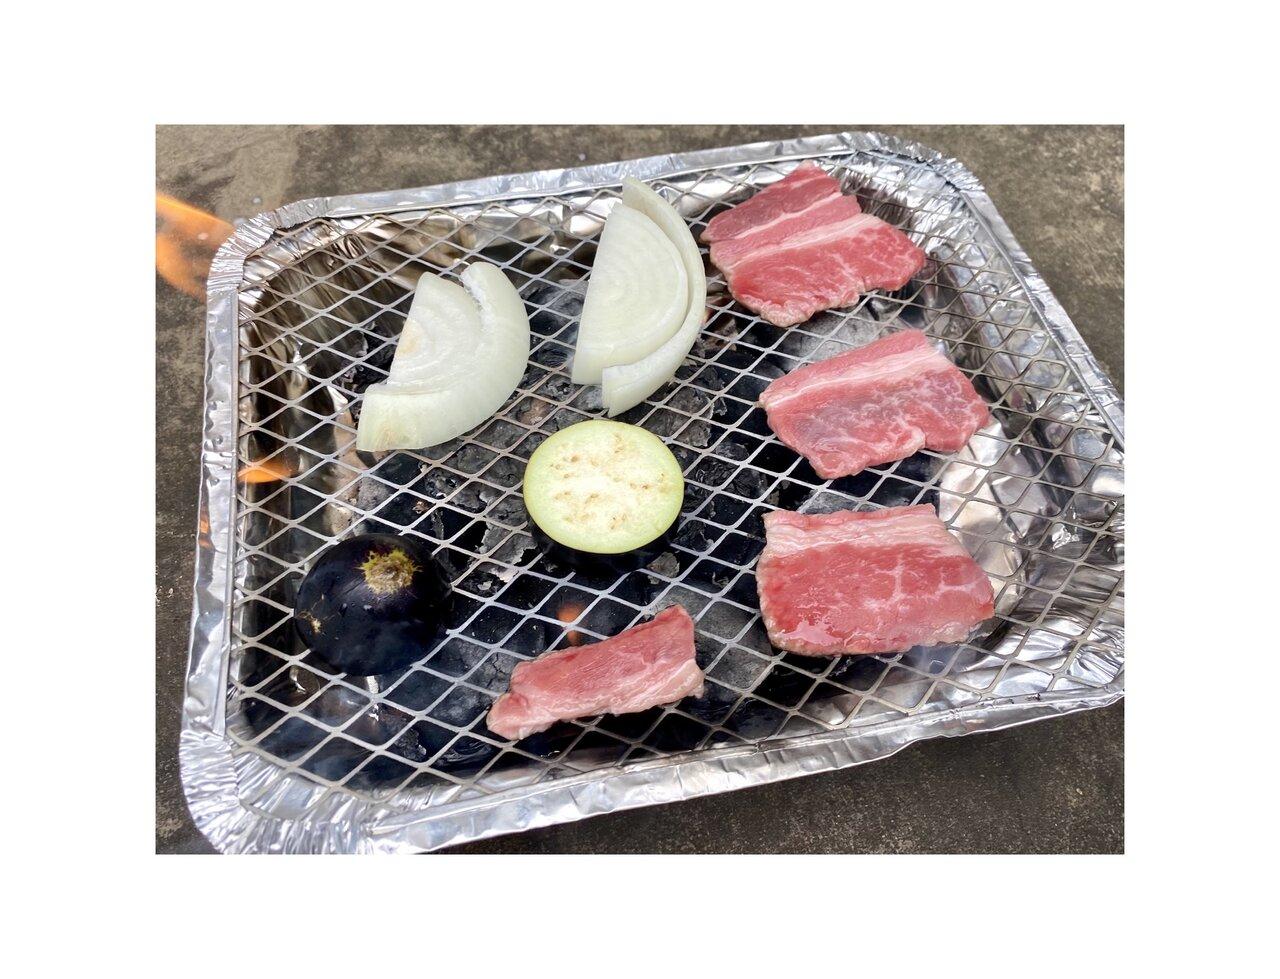 コスパ最強300円!ダイソーのインスタントコンロ、BBQでの使い心地はいかに!?